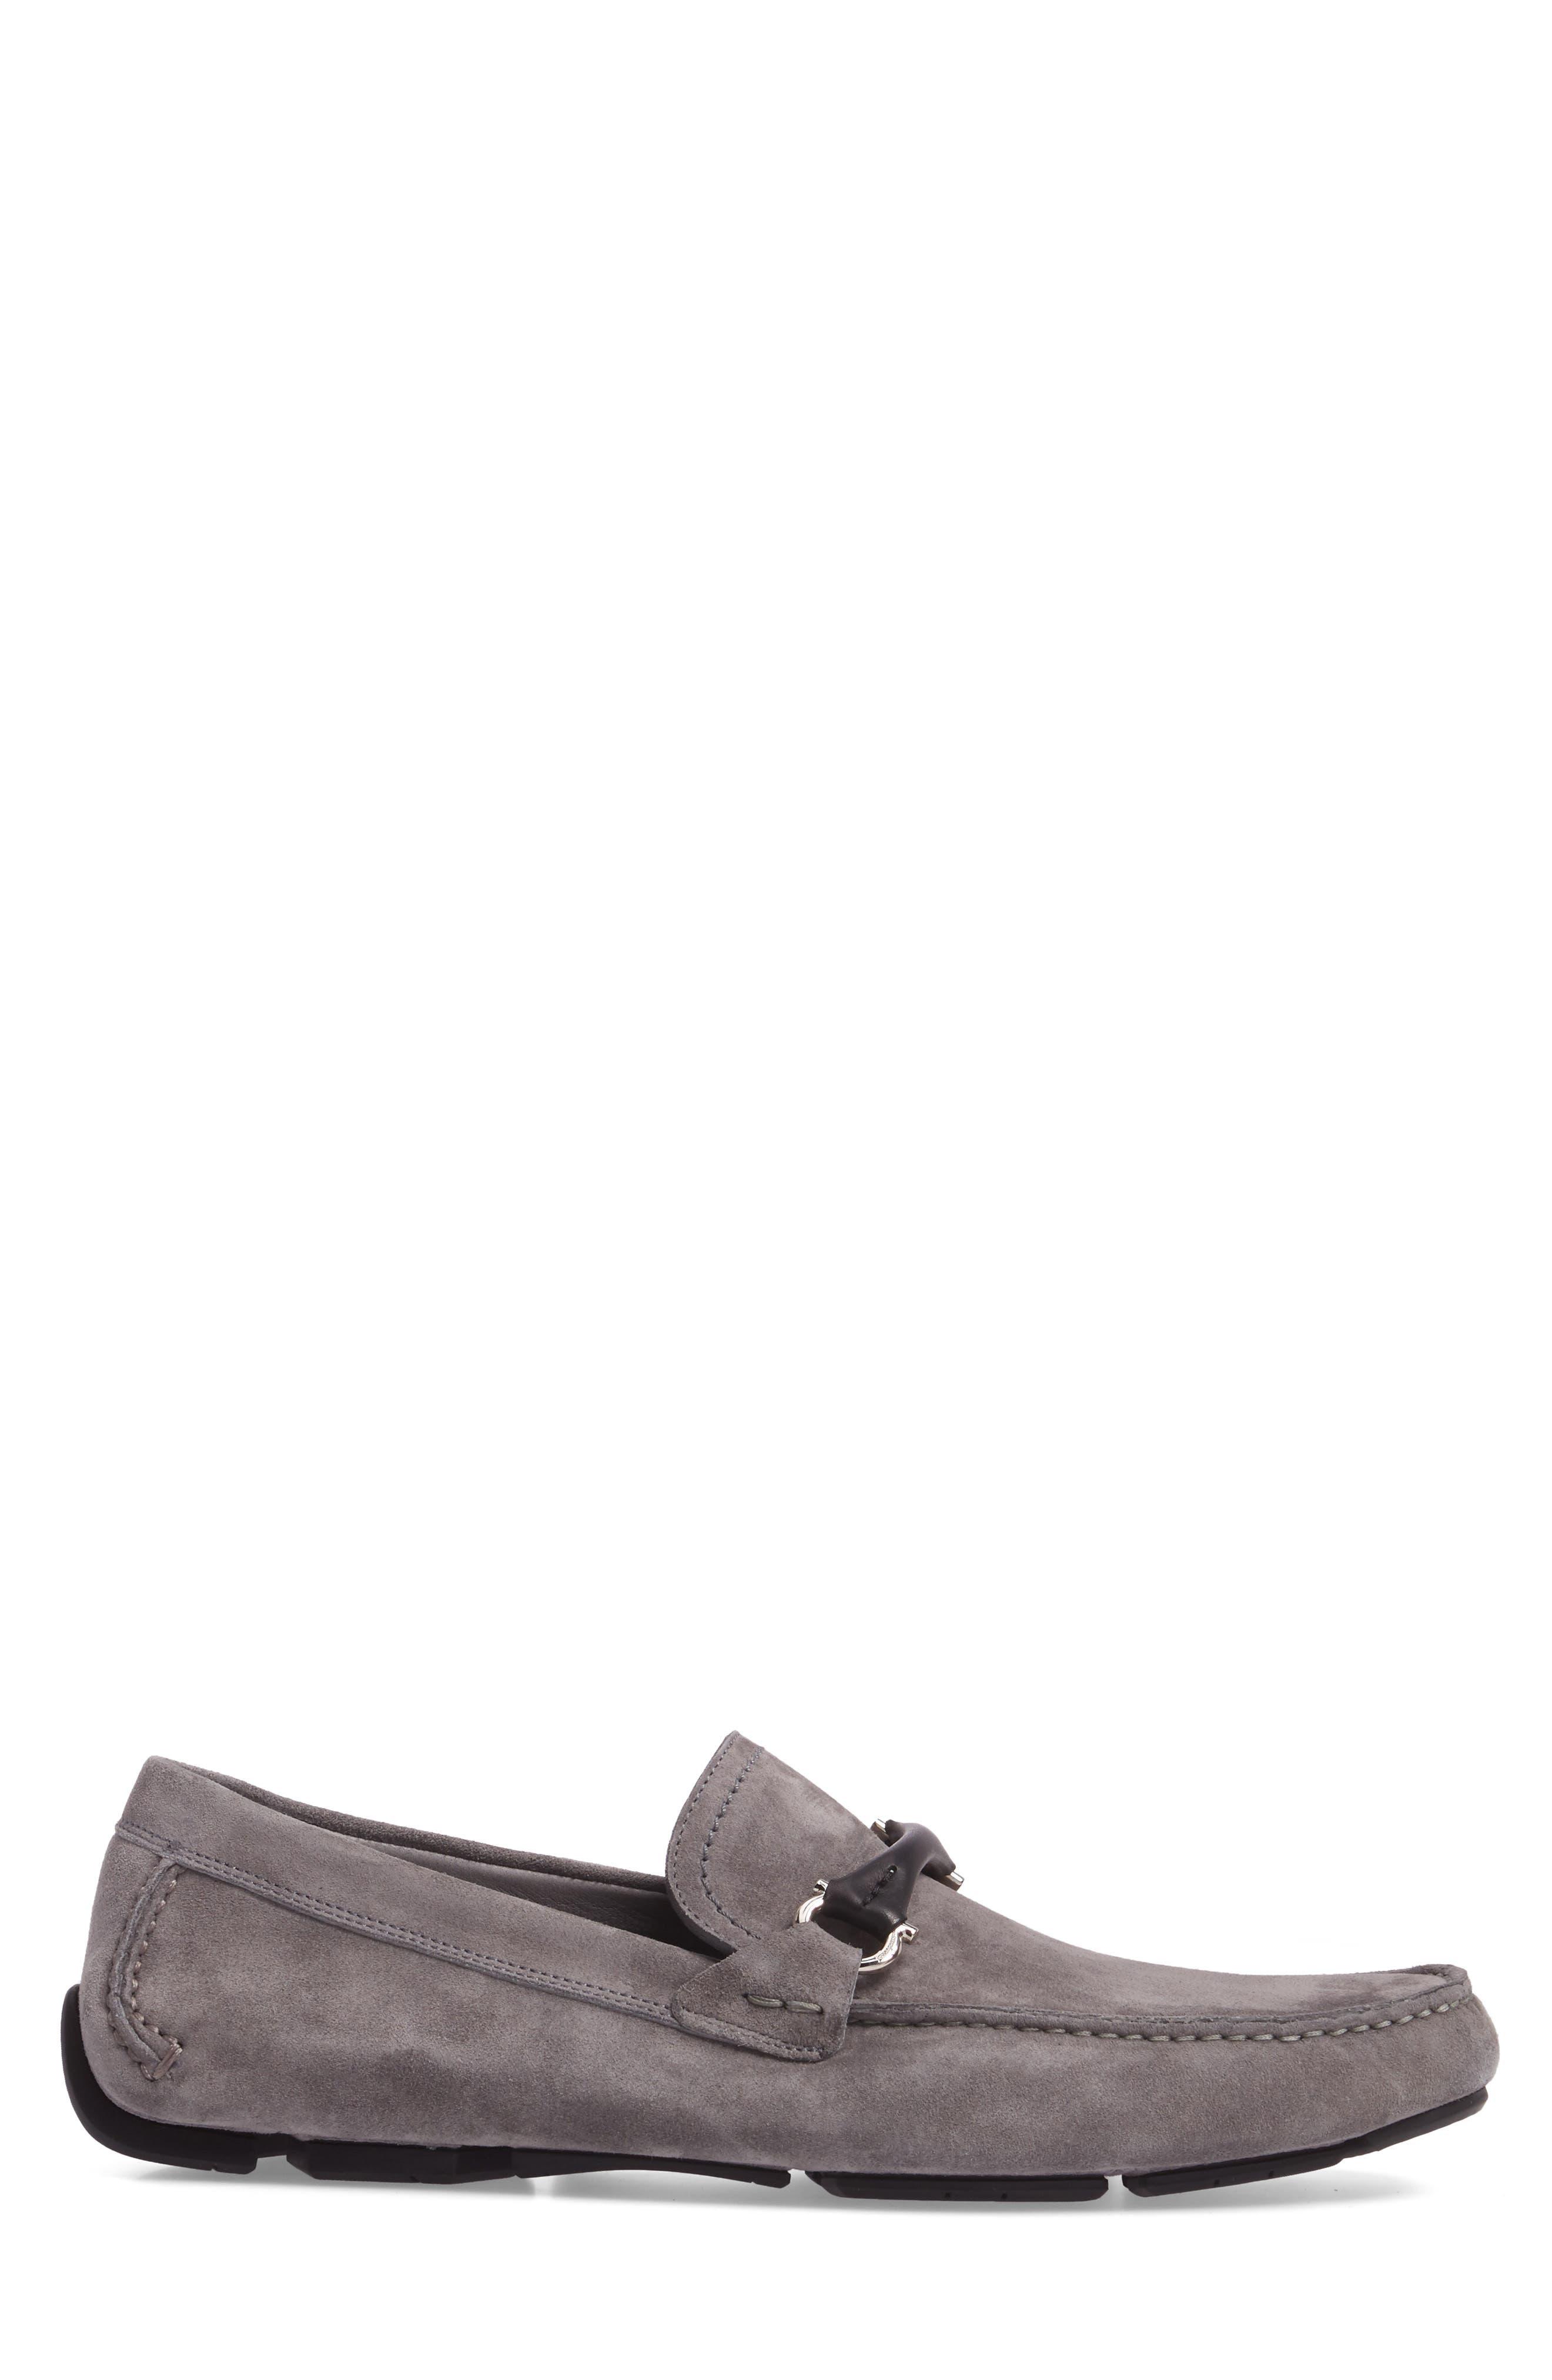 Alternate Image 3  - Salvatore Ferragamo GranprixDriving Shoe (Men)